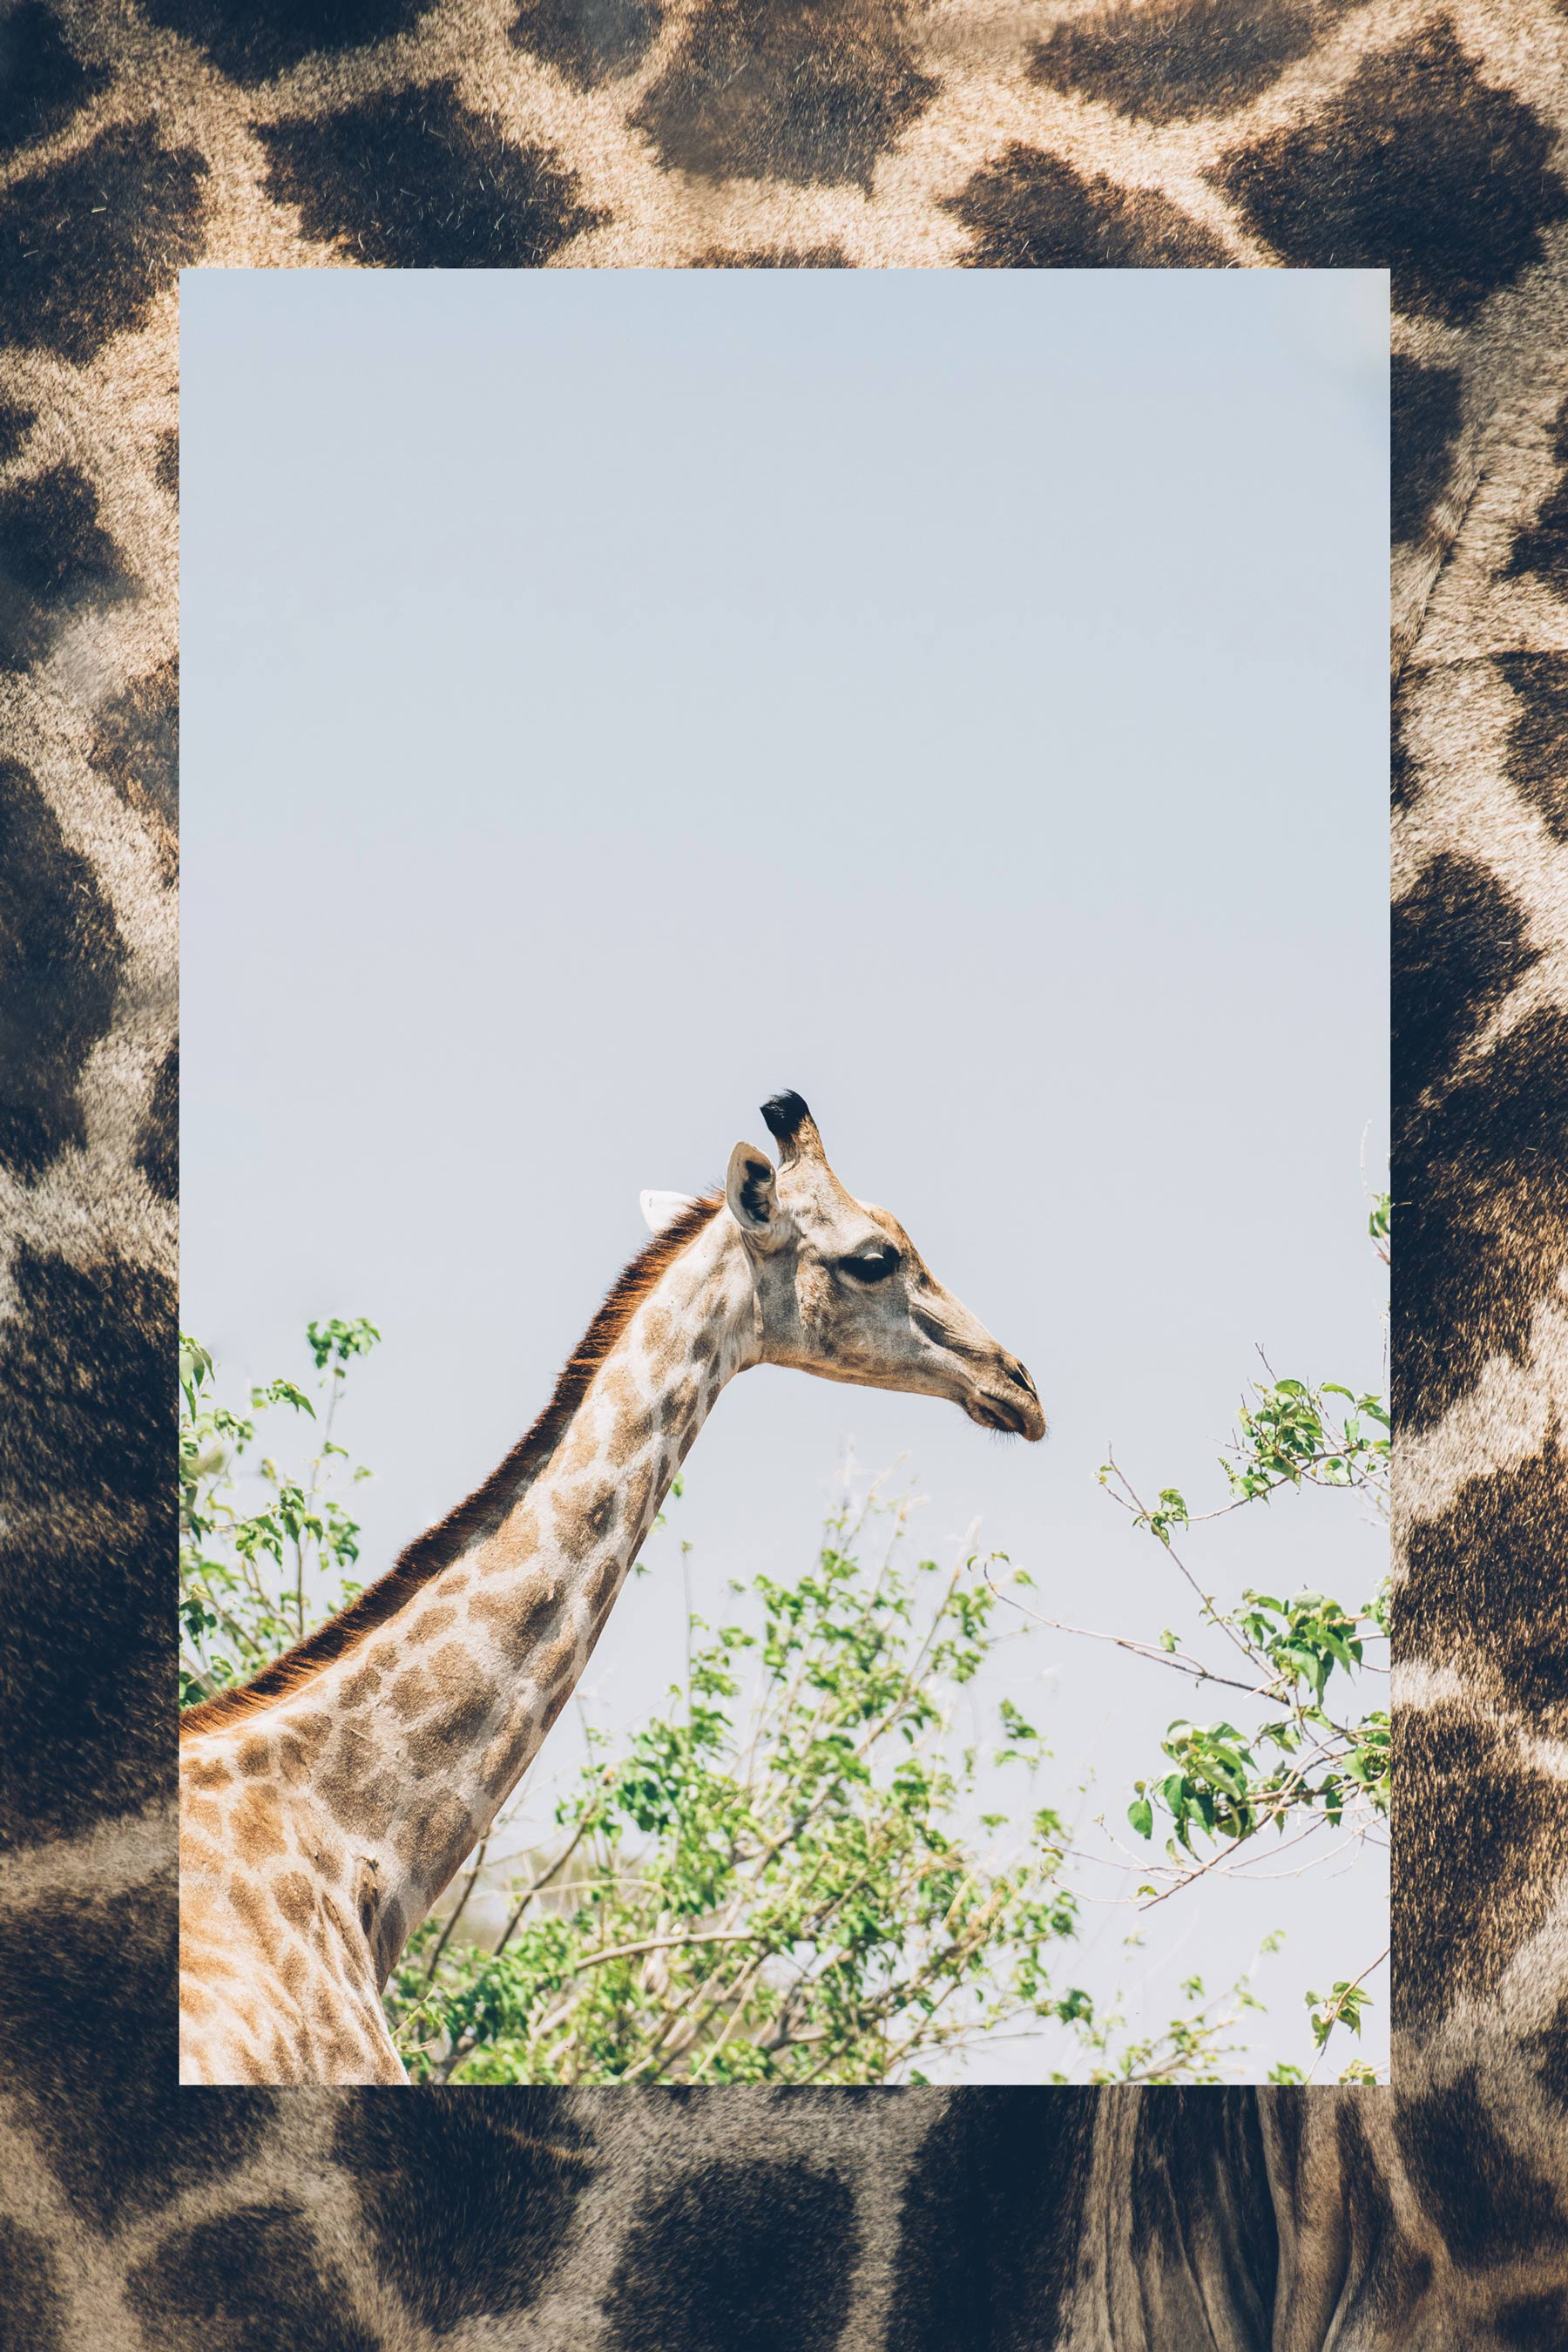 Girafe, Chobe, Botswana